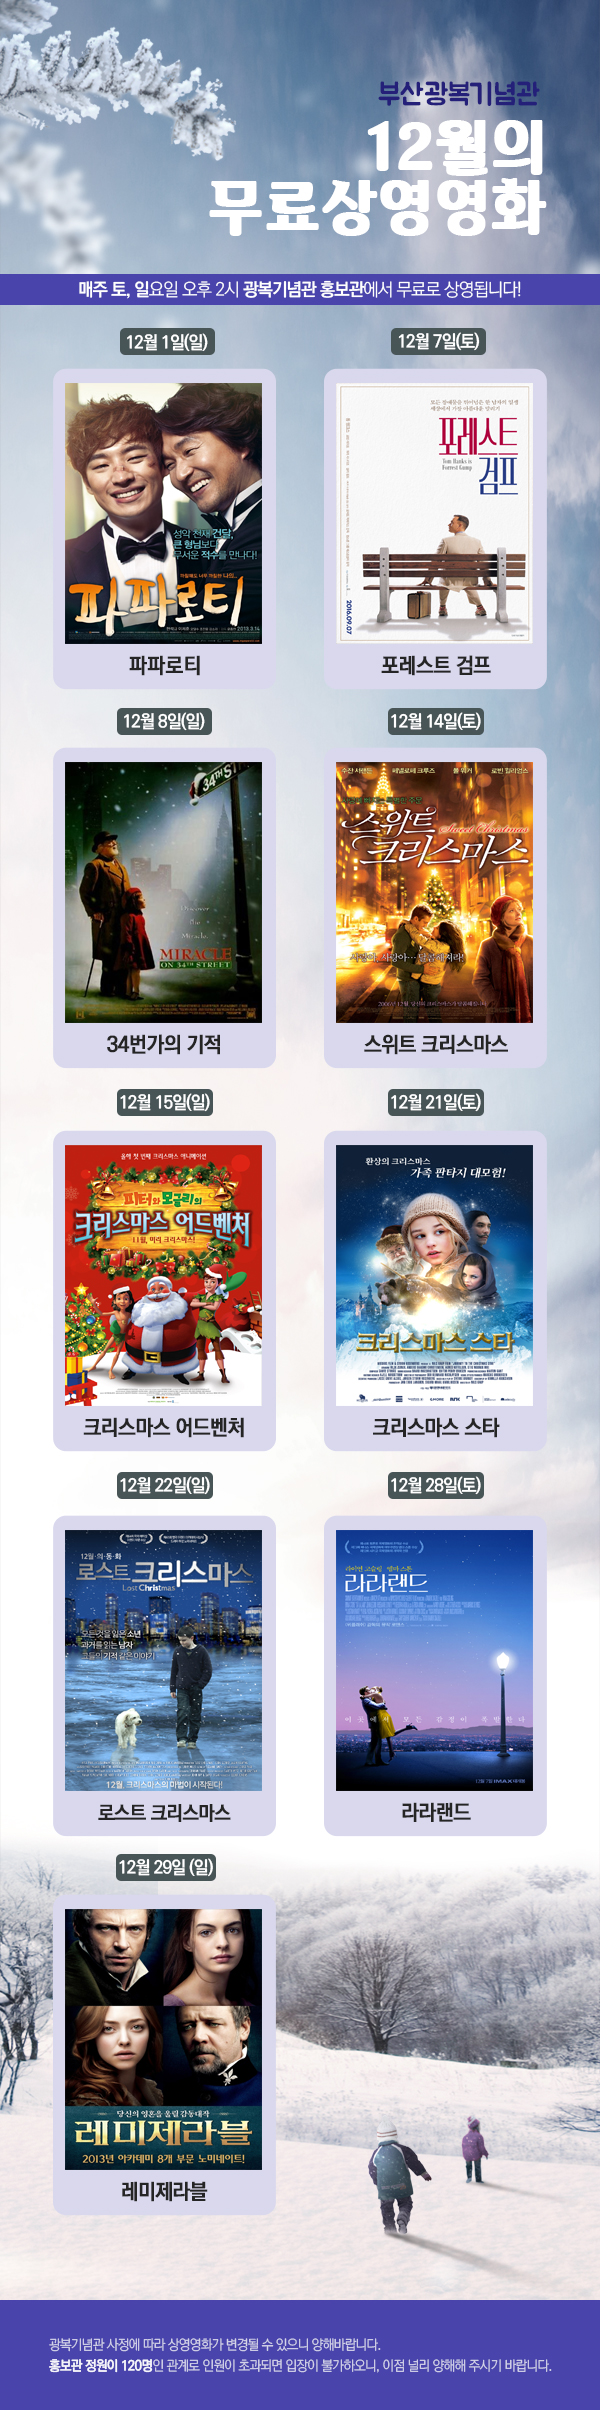 2019년 12월 무료영화 상영 안내 이미지1번째